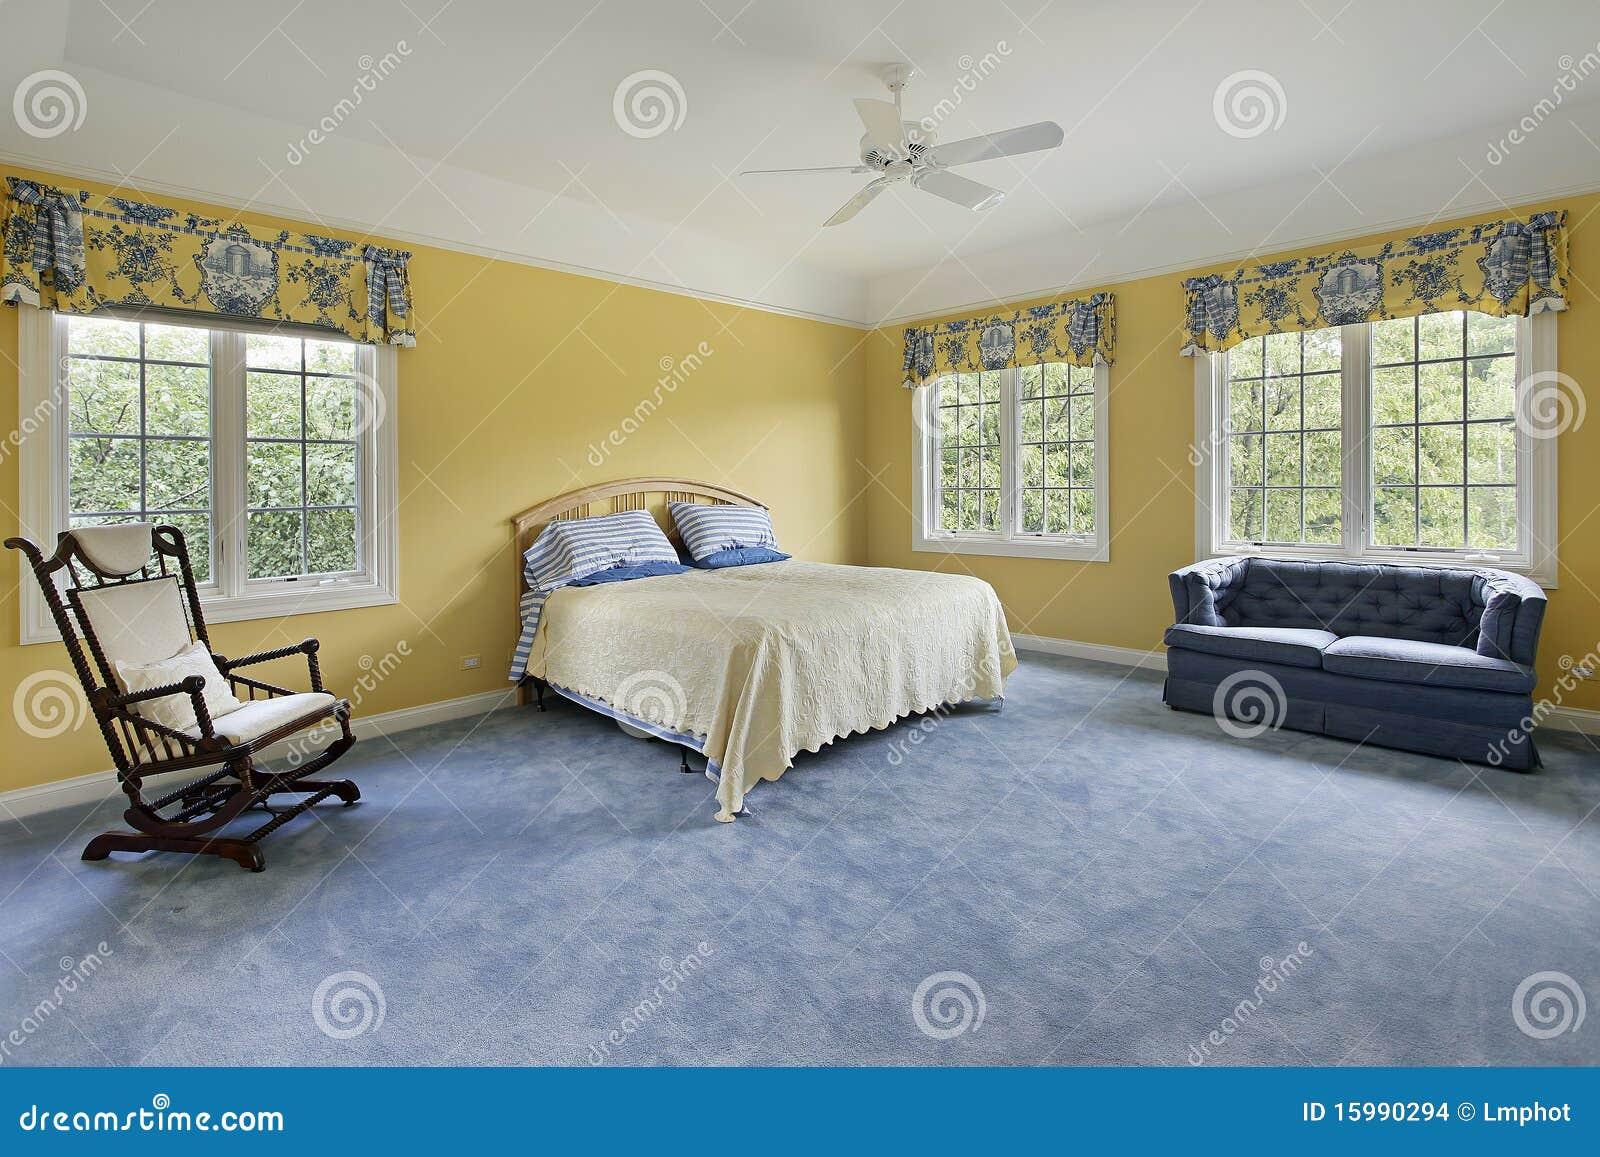 Camera da letto con le pareti gialle fotografia stock - Pareti camera da letto ...